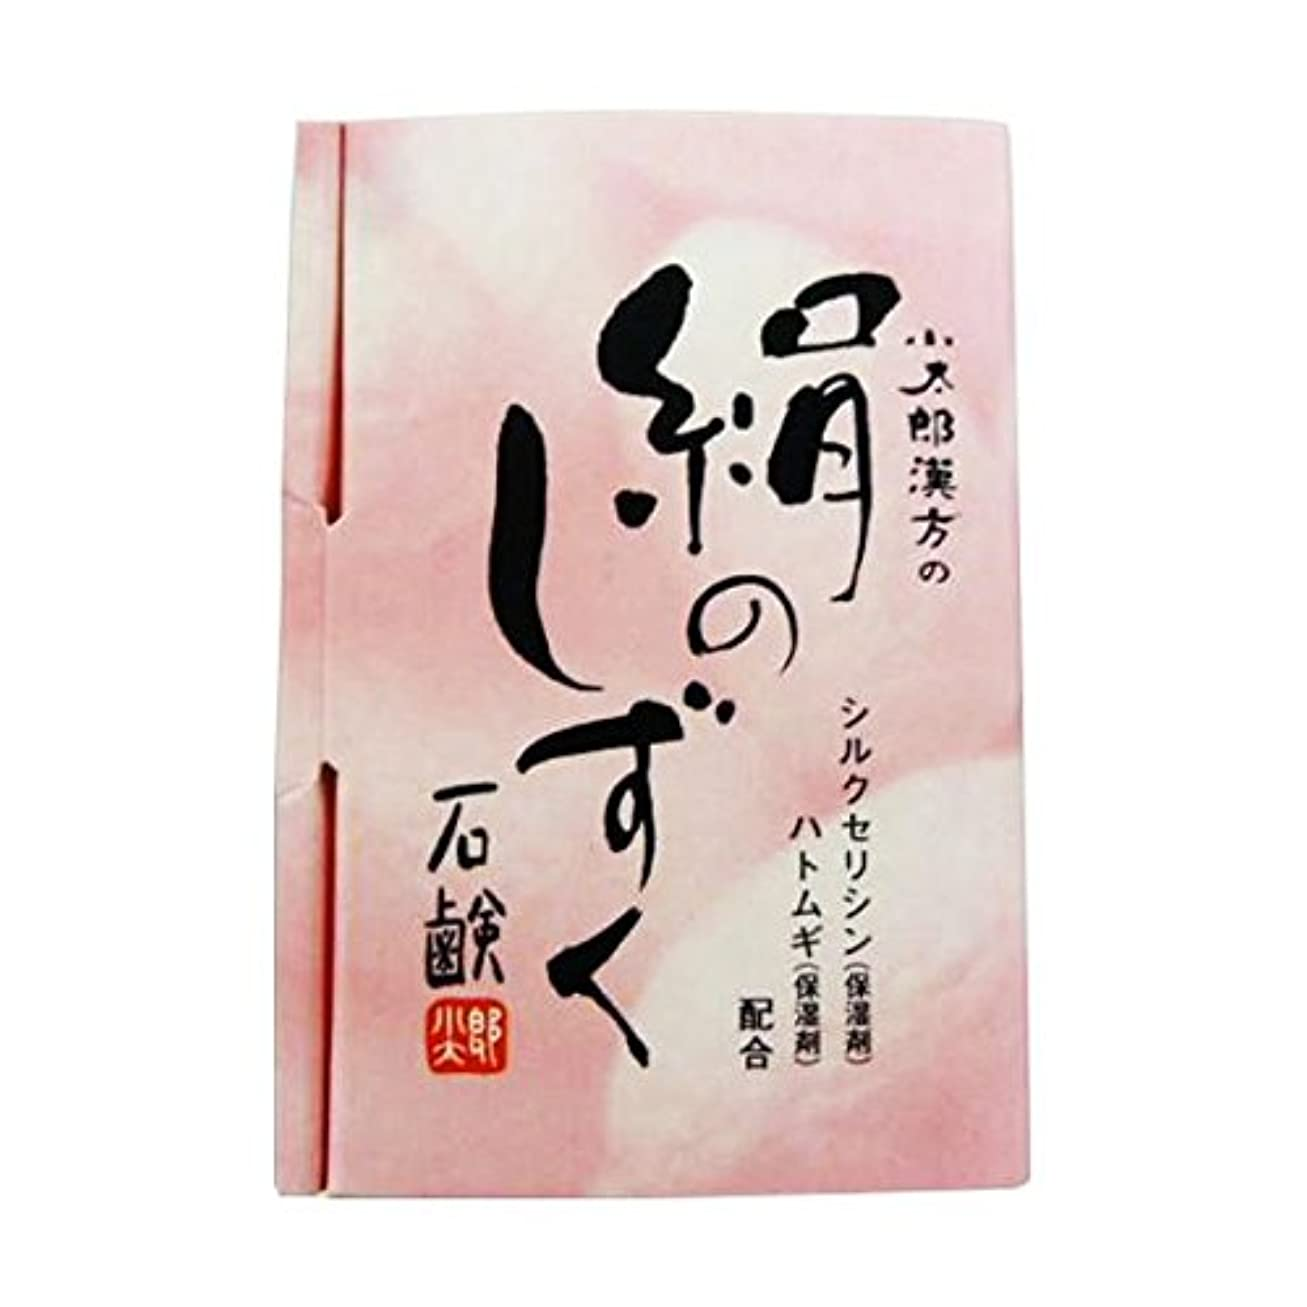 【小太郎漢方製薬】絹のしずく石鹸 80g ×3個セット